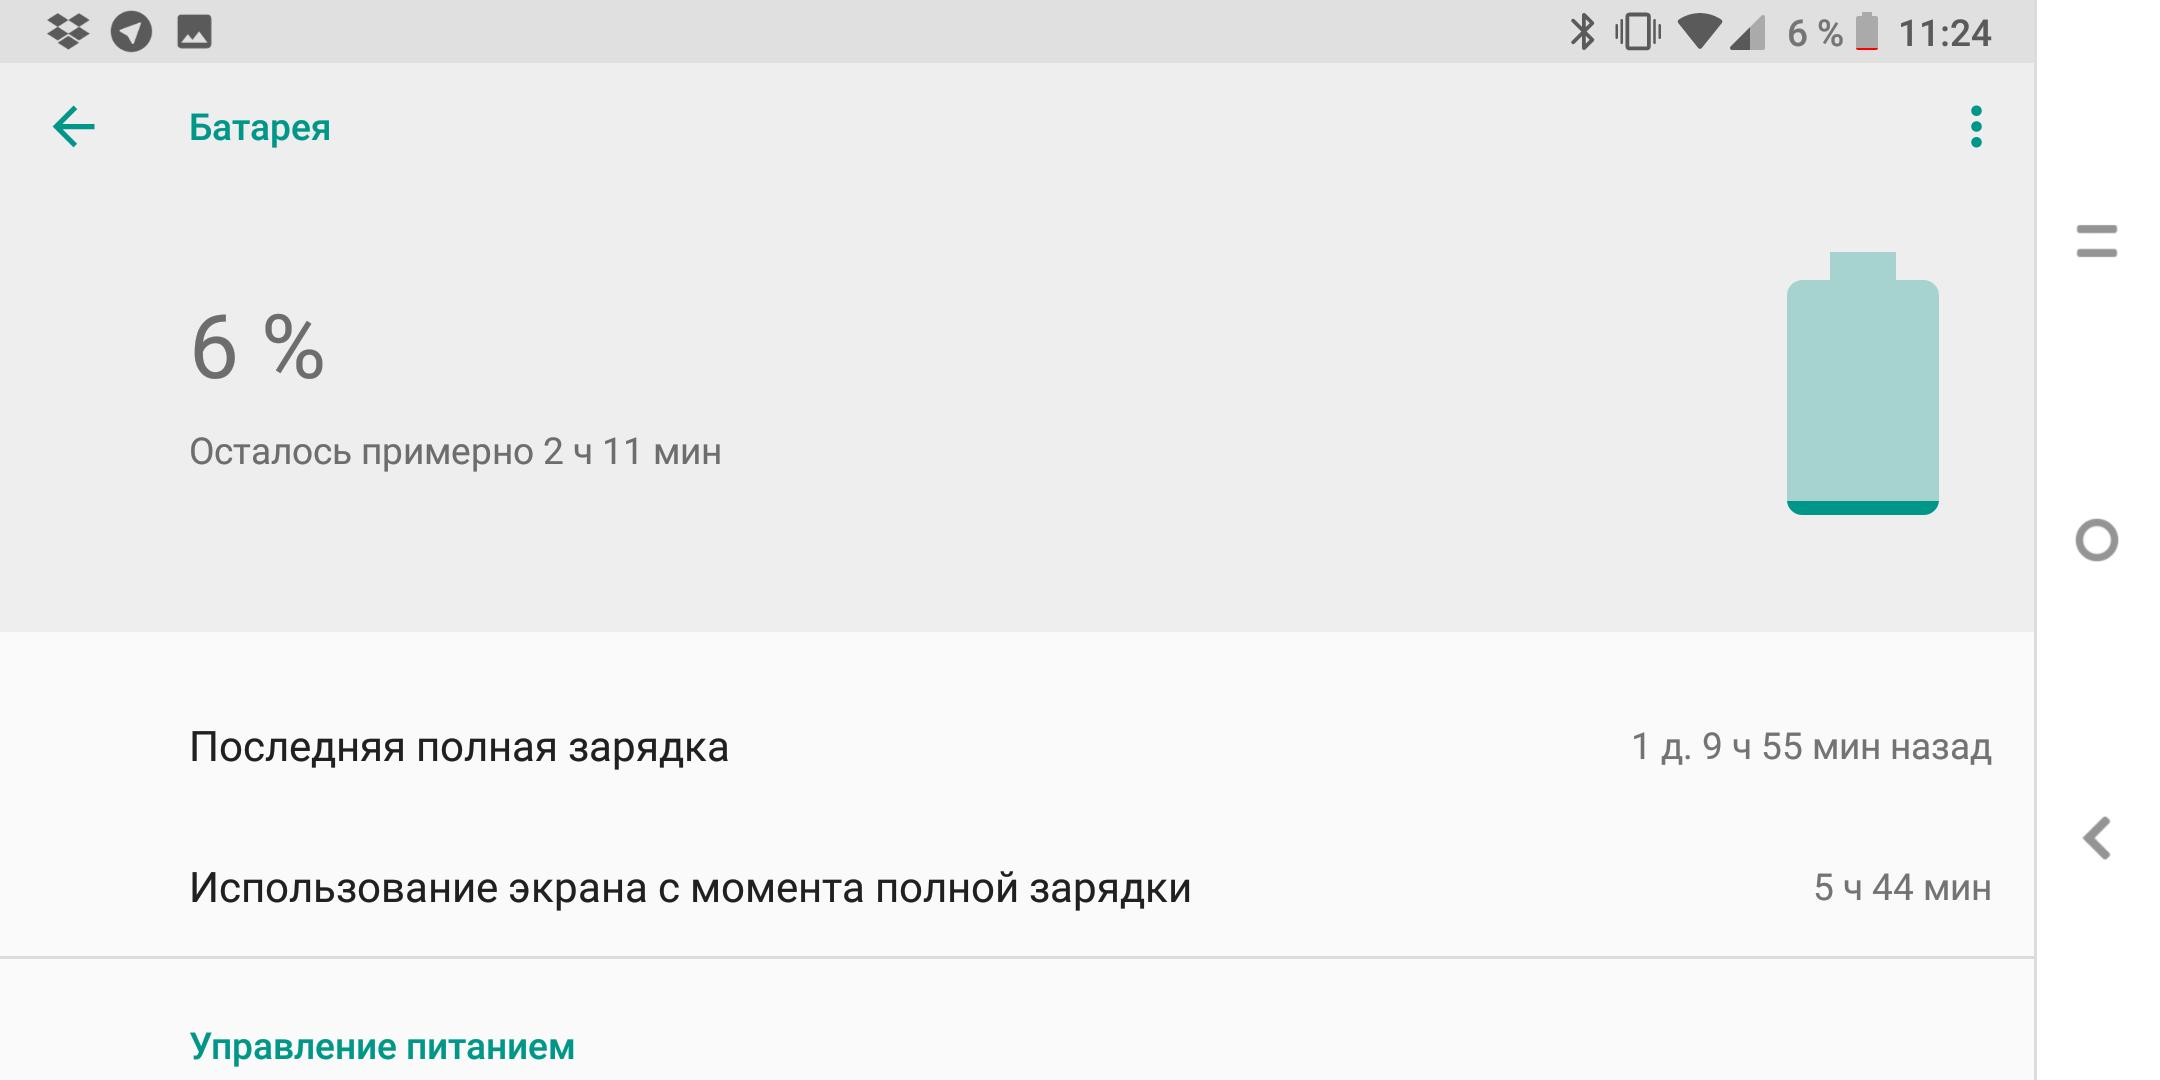 Справочная: Яндекс.Телефон - 13